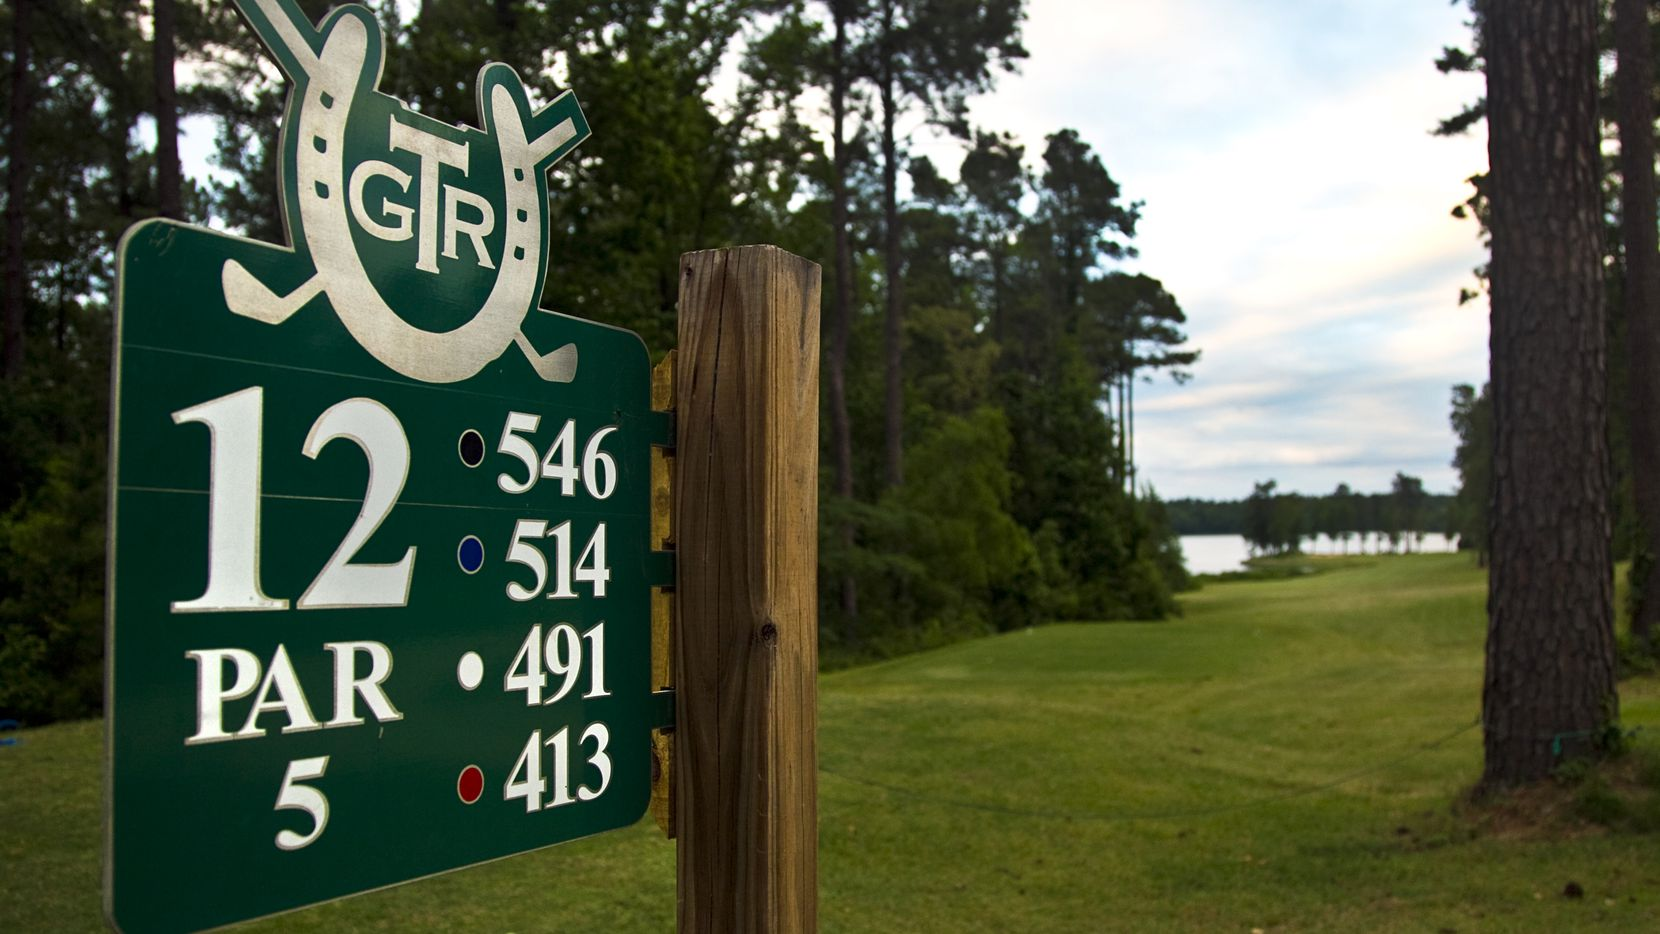 Hole 12 marker at Texarkana Golf Ranch.